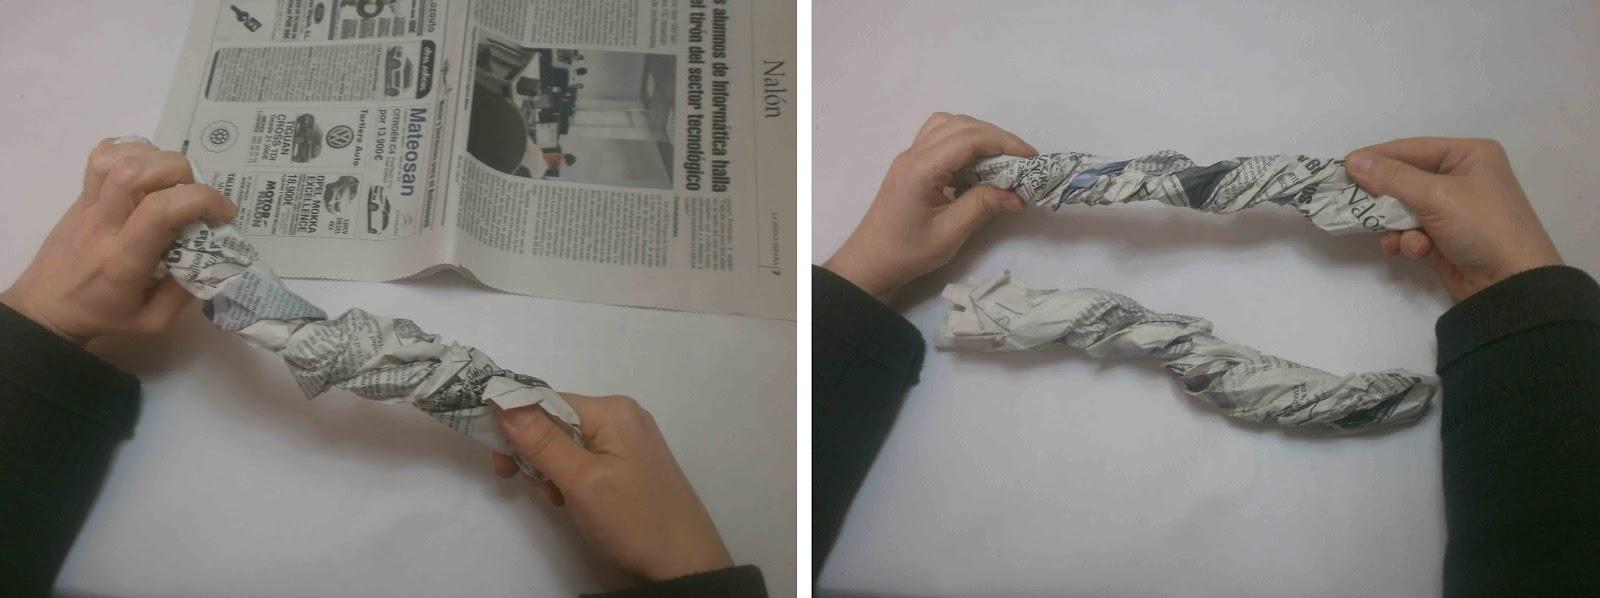 se juntan los dos trozos de peridico con la cinta de pintor tambin pegamos el otro extremo del papel para hacer un crculo